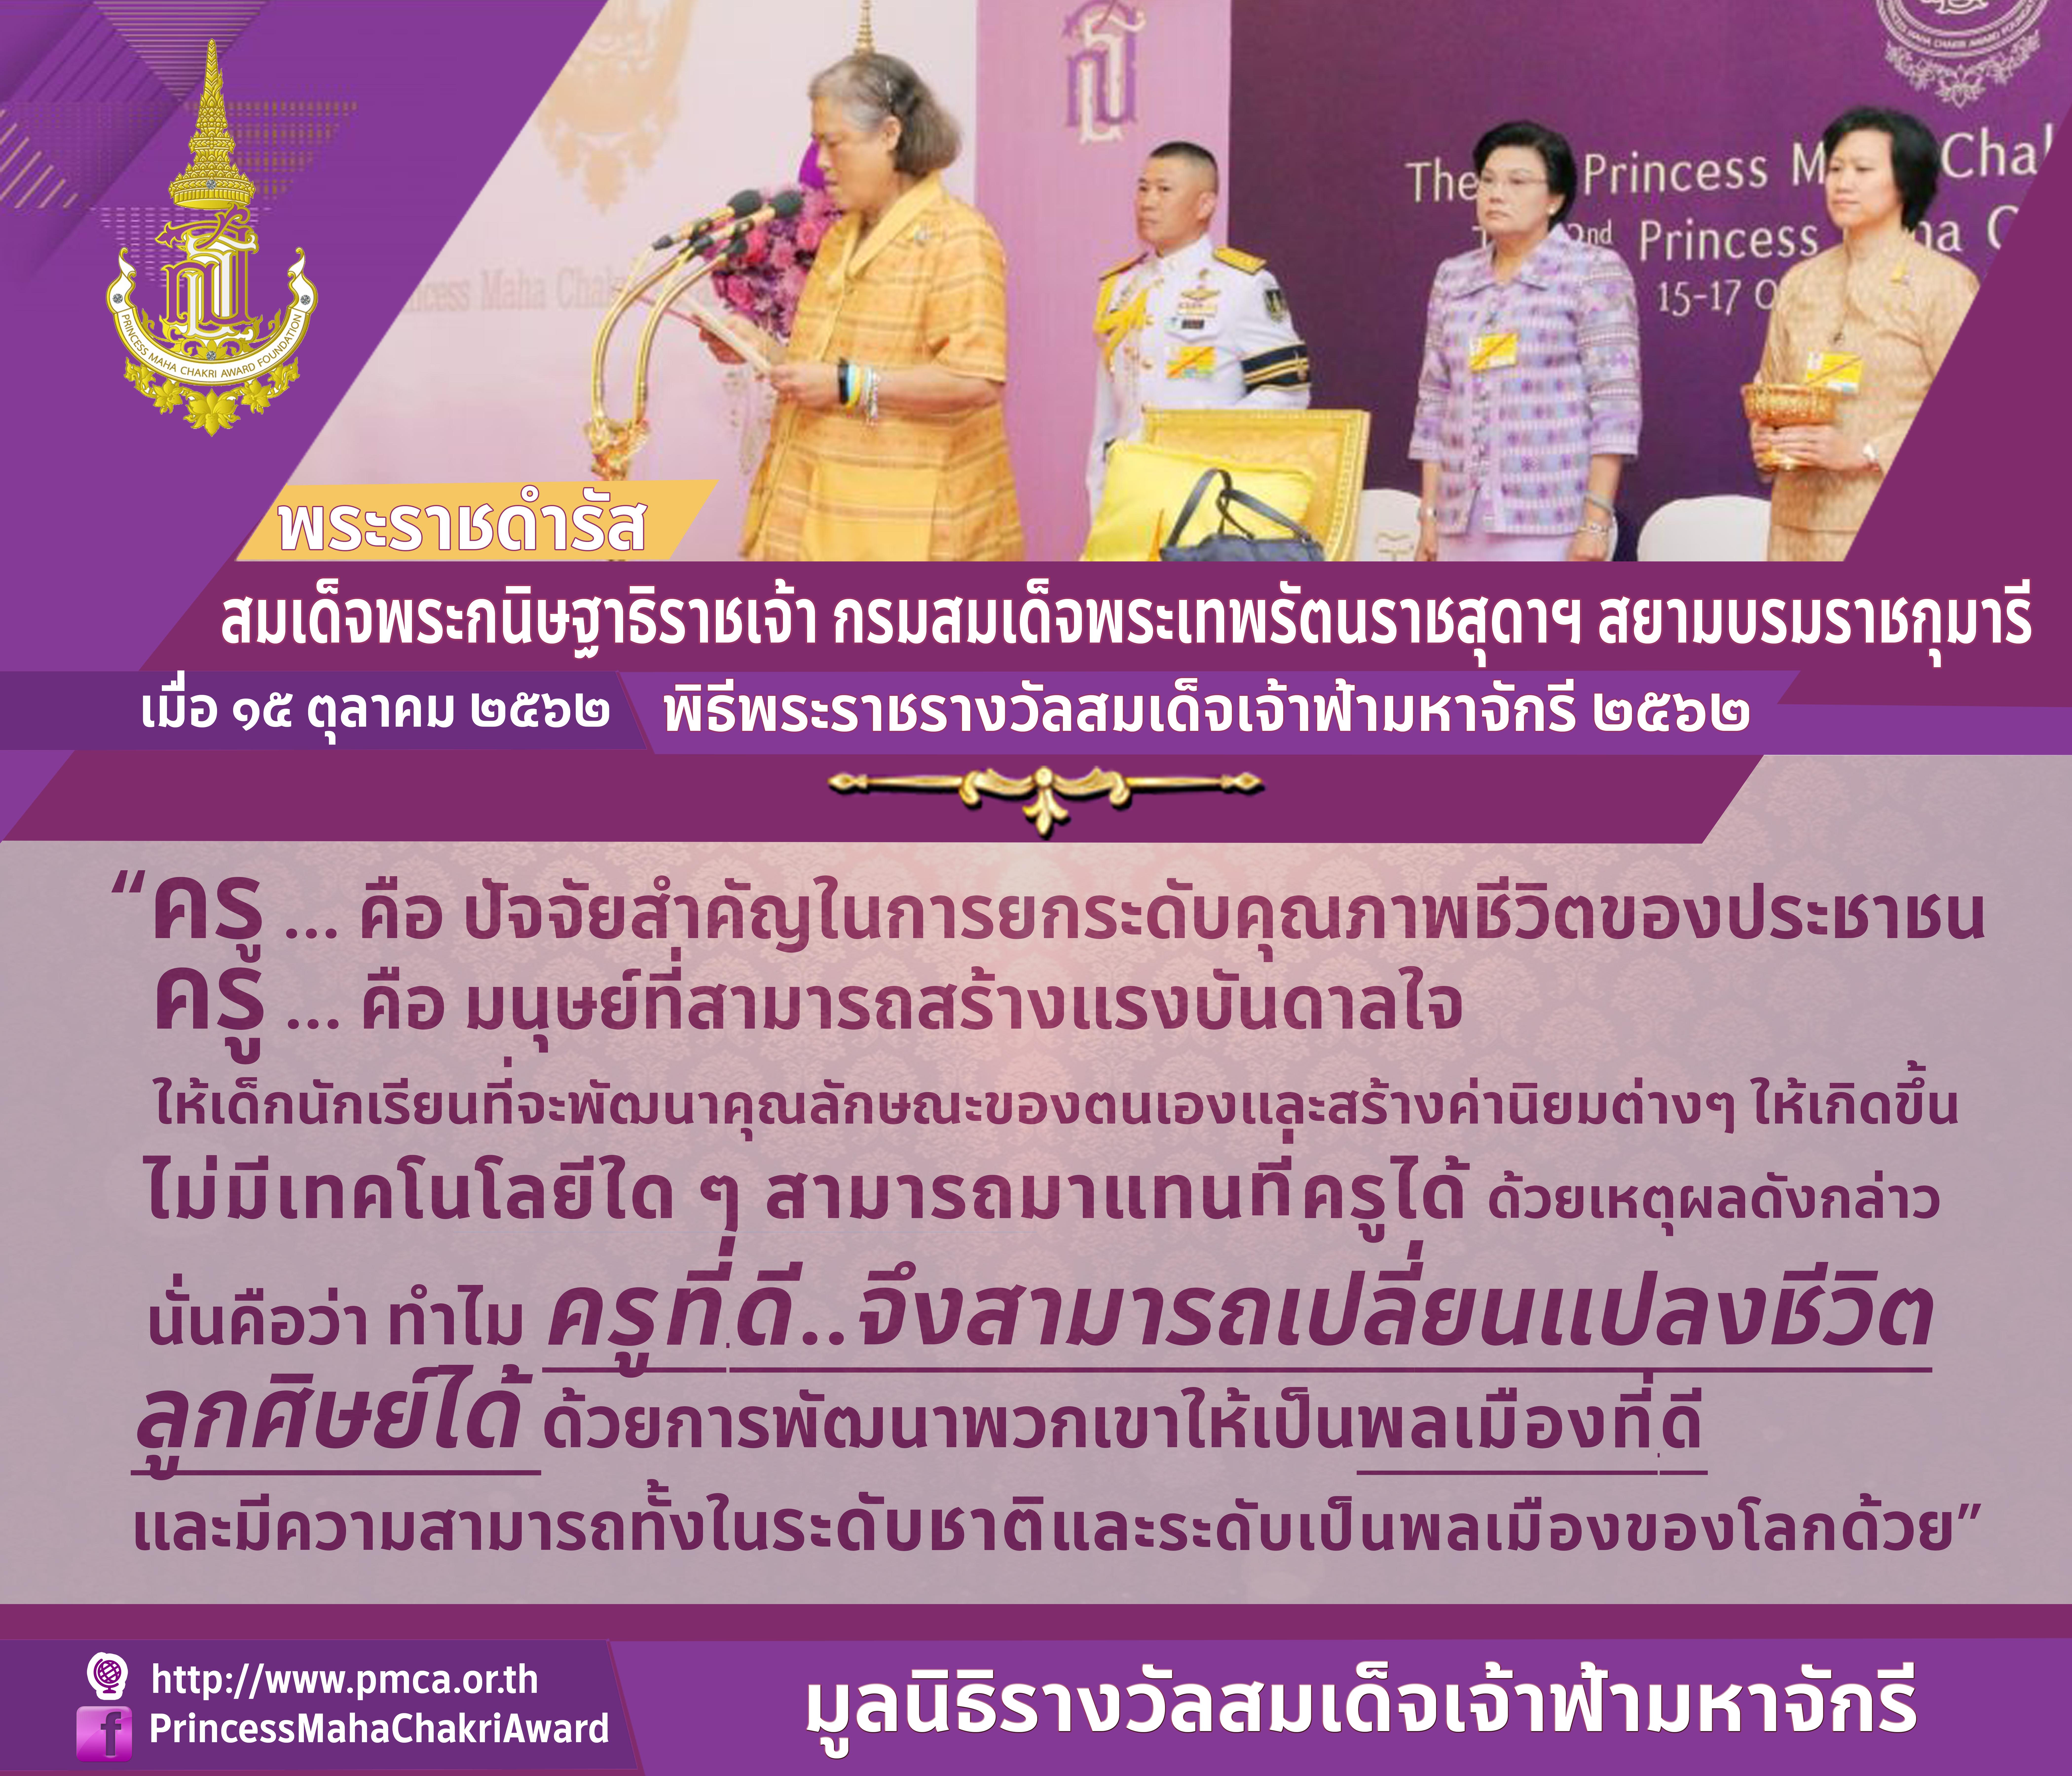 พระราชดำรัสพิธีพระราชทานรางวัลสมเด็จเจ้าฟ้ามหาจักรีเมื่อวันที่ 15 ตุลาคม 2562 ครั้งที่ 3